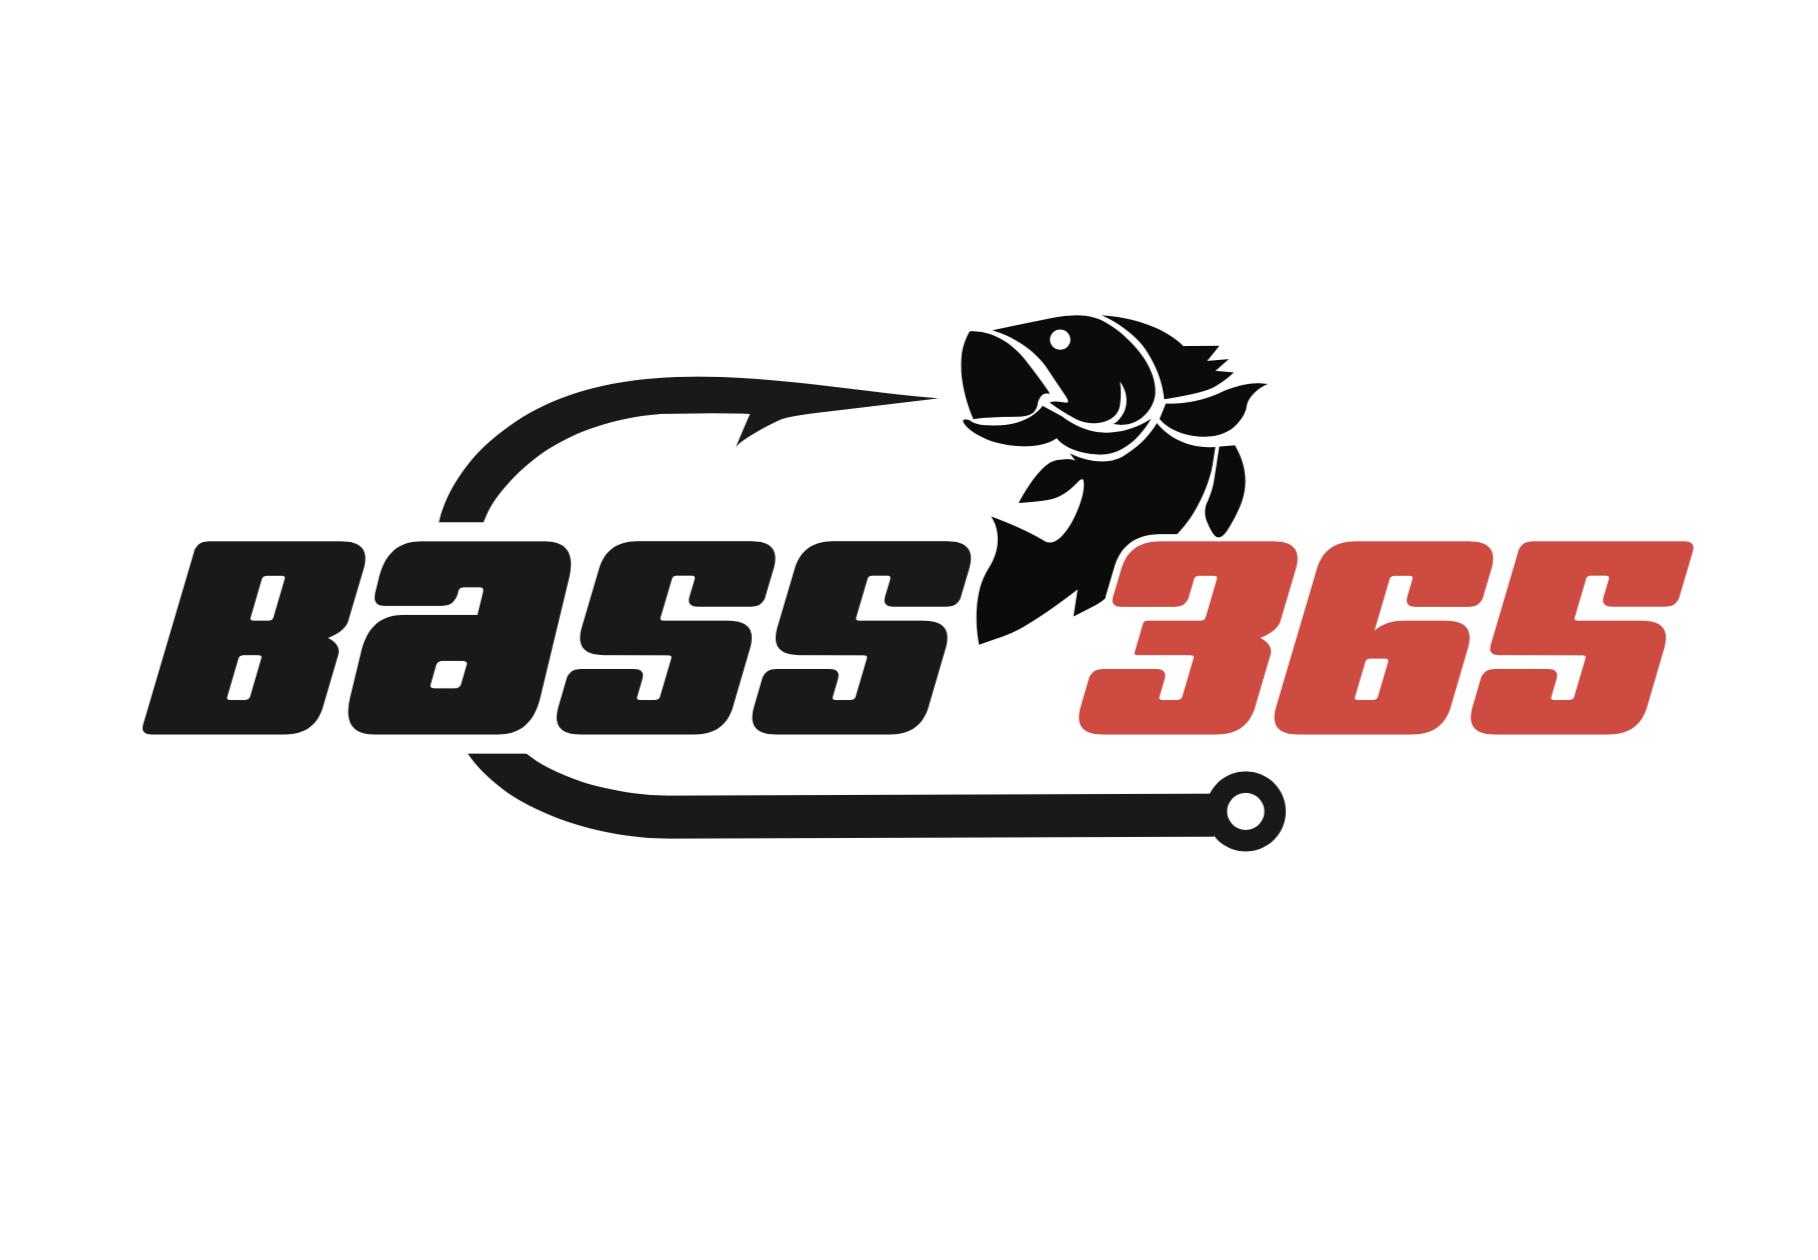 Bass365.com